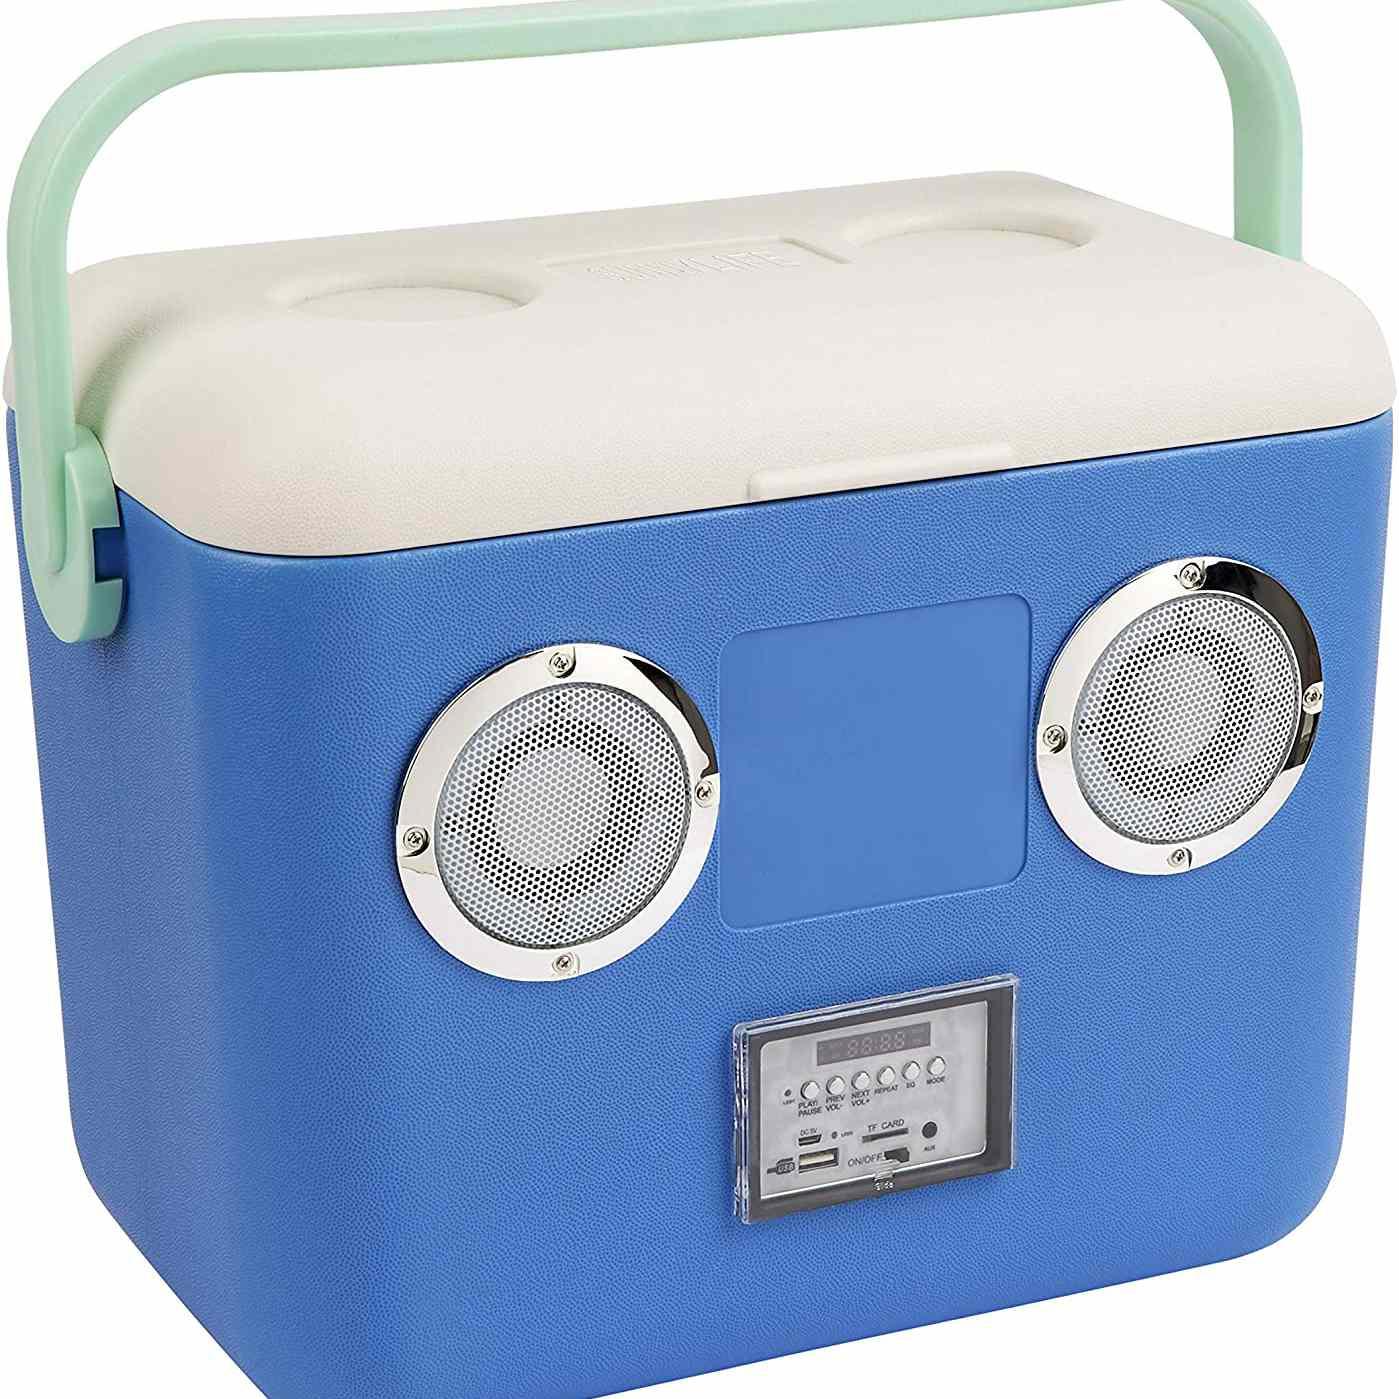 SunnyLIFE Beach Cooler Box Sounds Dolce Vita